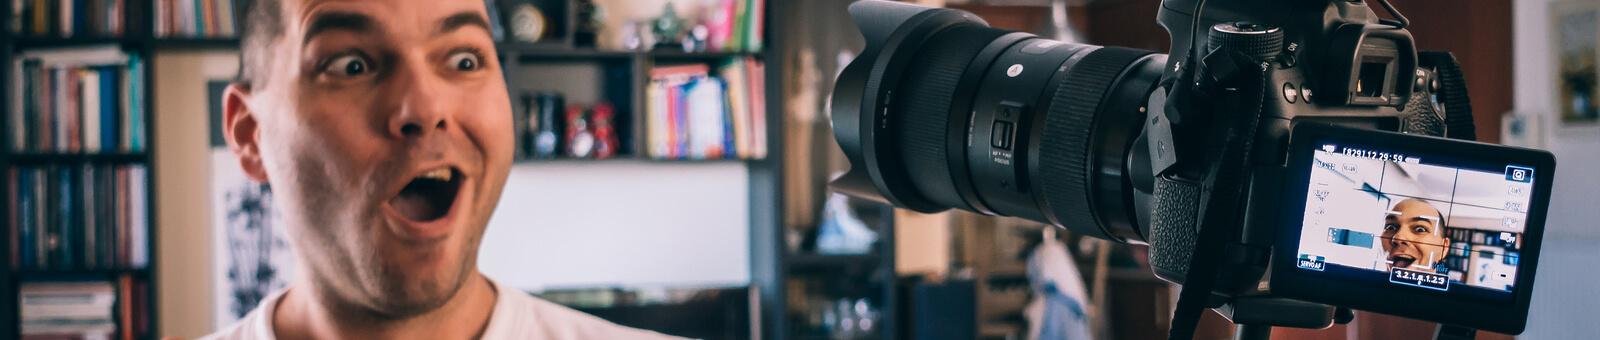 Professor gravando aula com sua câmera